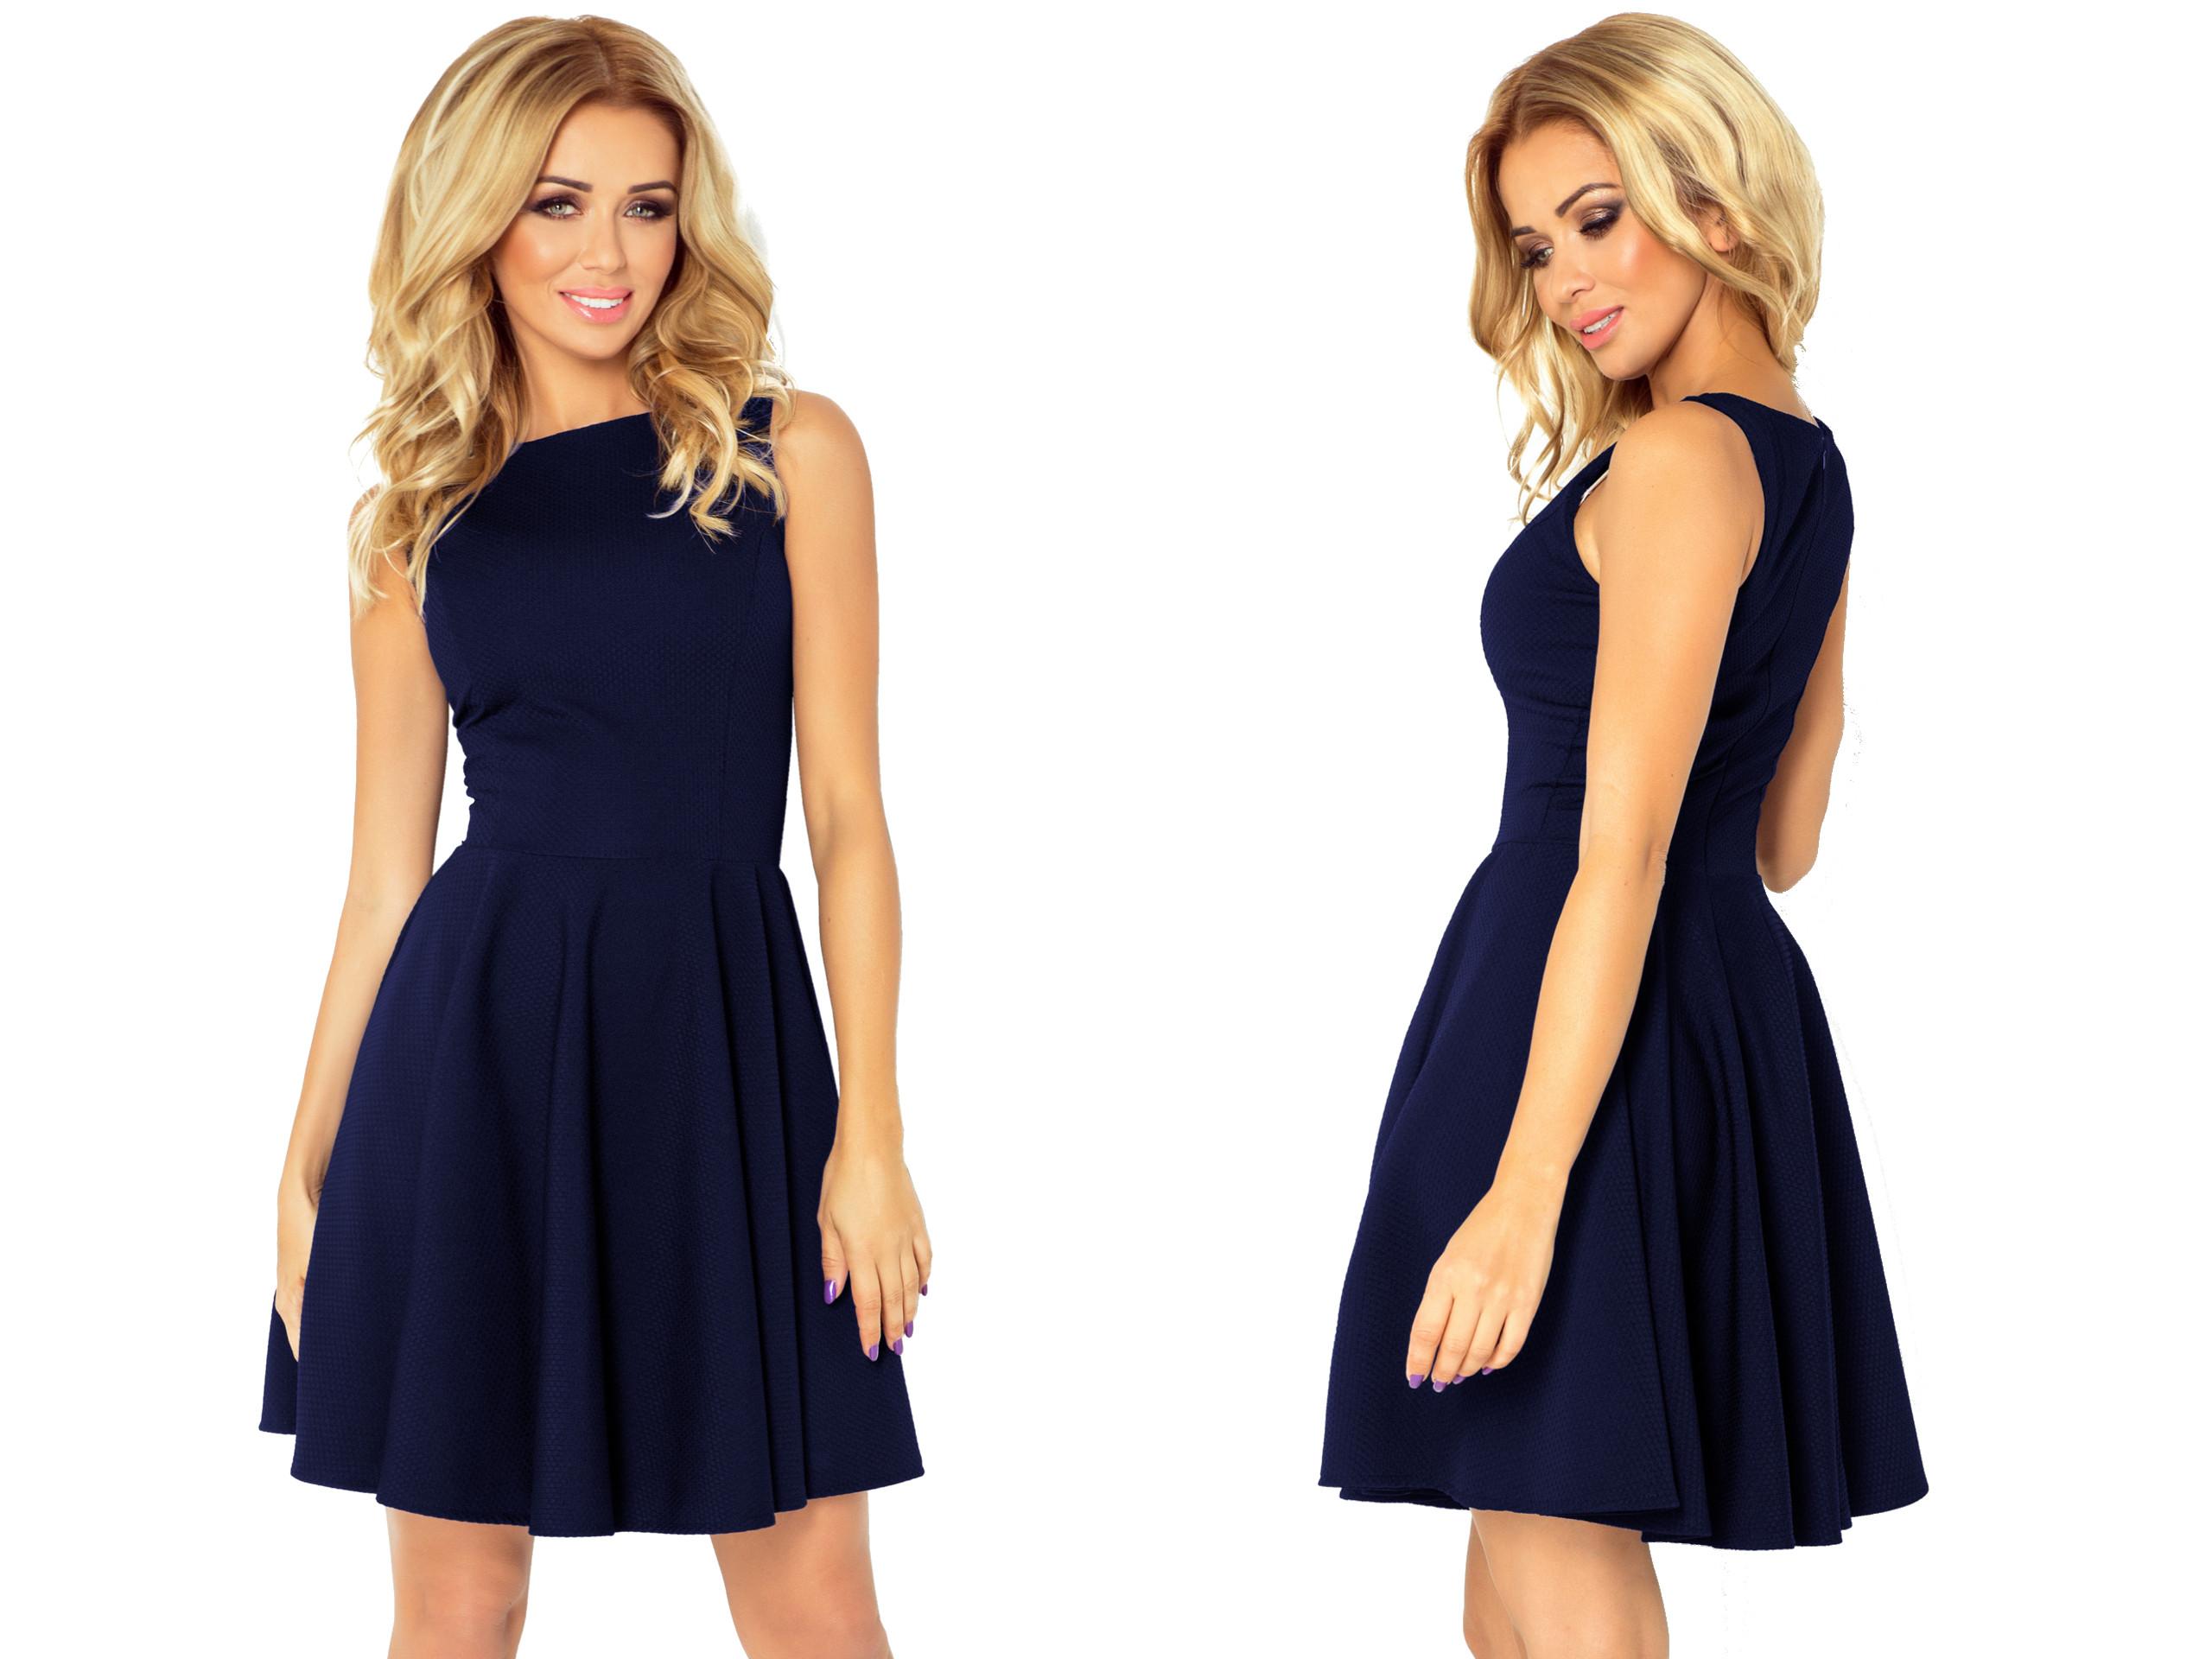 96cf38125f Sukienka Na Imprezę WESELE GRANATOWA 125-21 XL 42 - 7189426198 ...